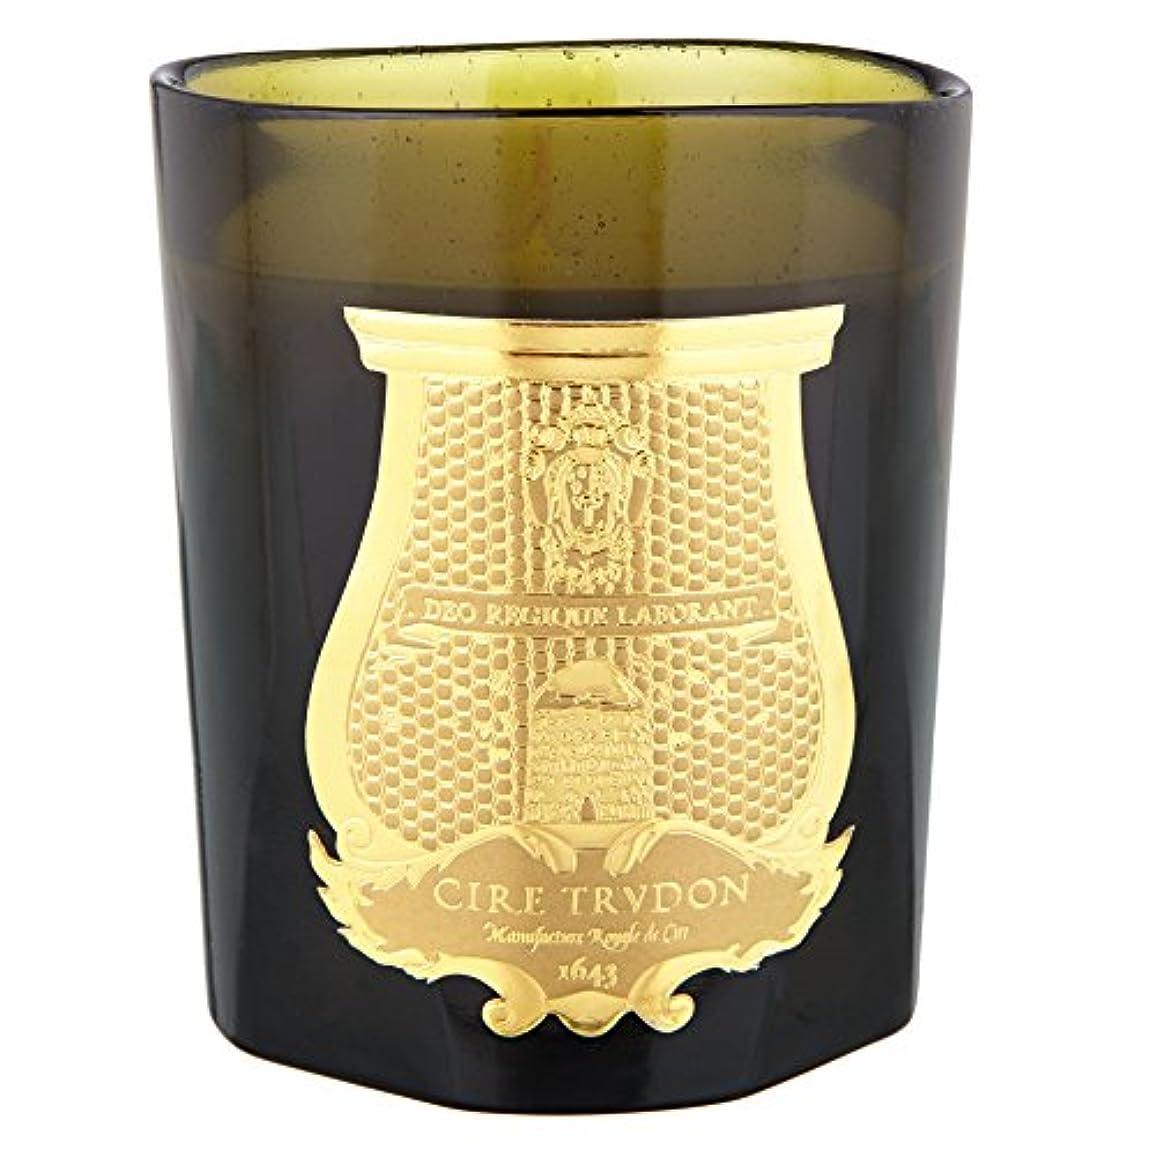 メカニックいたずらなファセットCire Trudonソリスレックス香りのキャンドル (Cire Trudon) - Cire Trudon Solis Rex Scented Candle [並行輸入品]